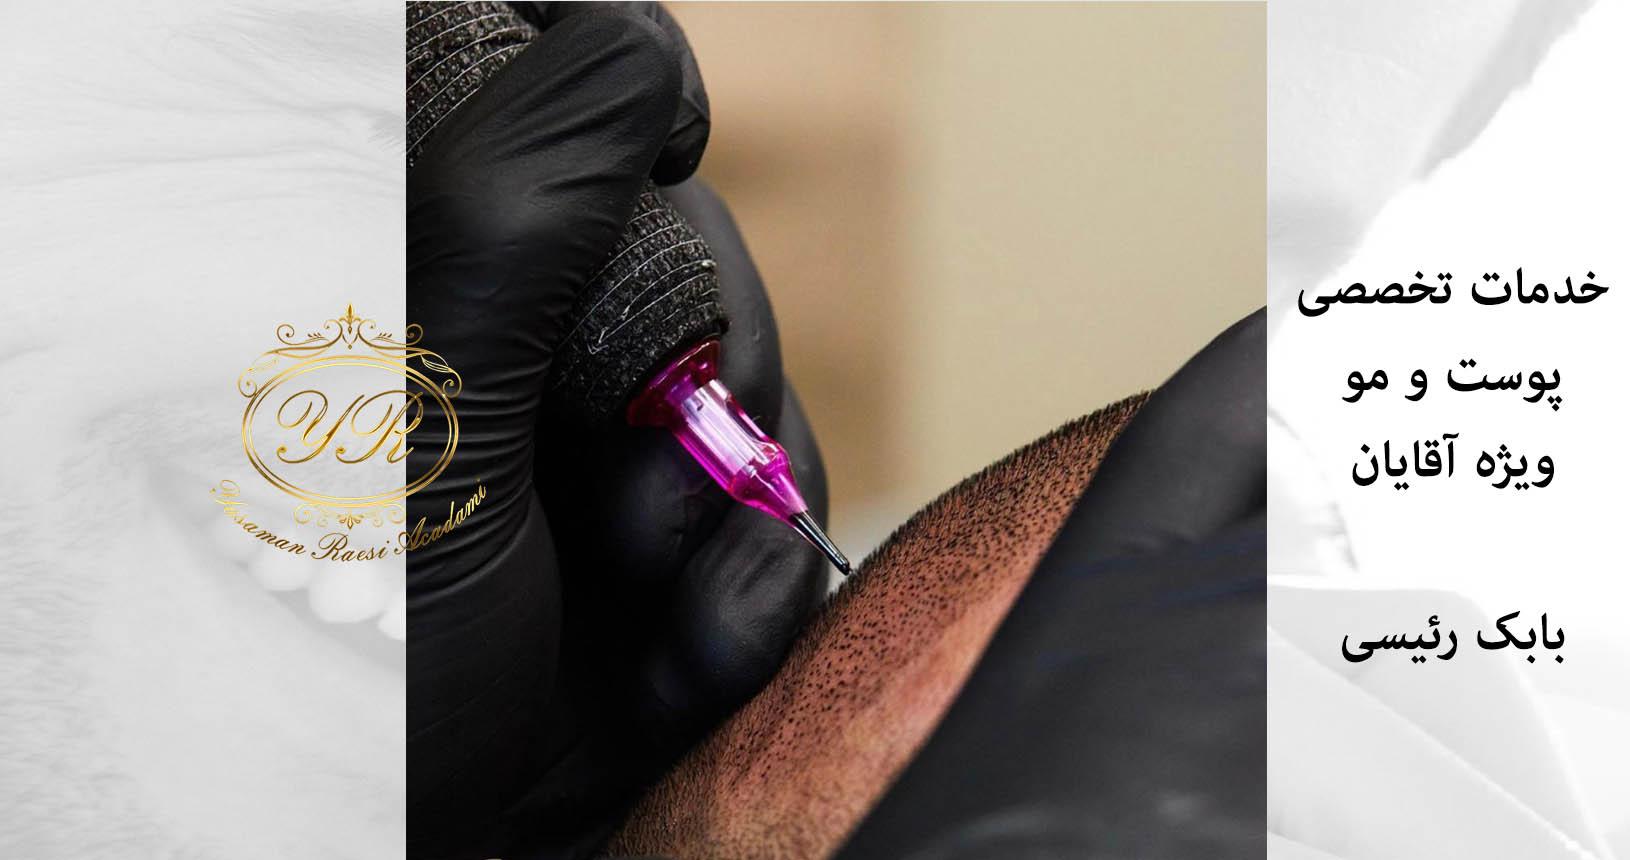 خدمات تخصصی پوست و مو آقایان